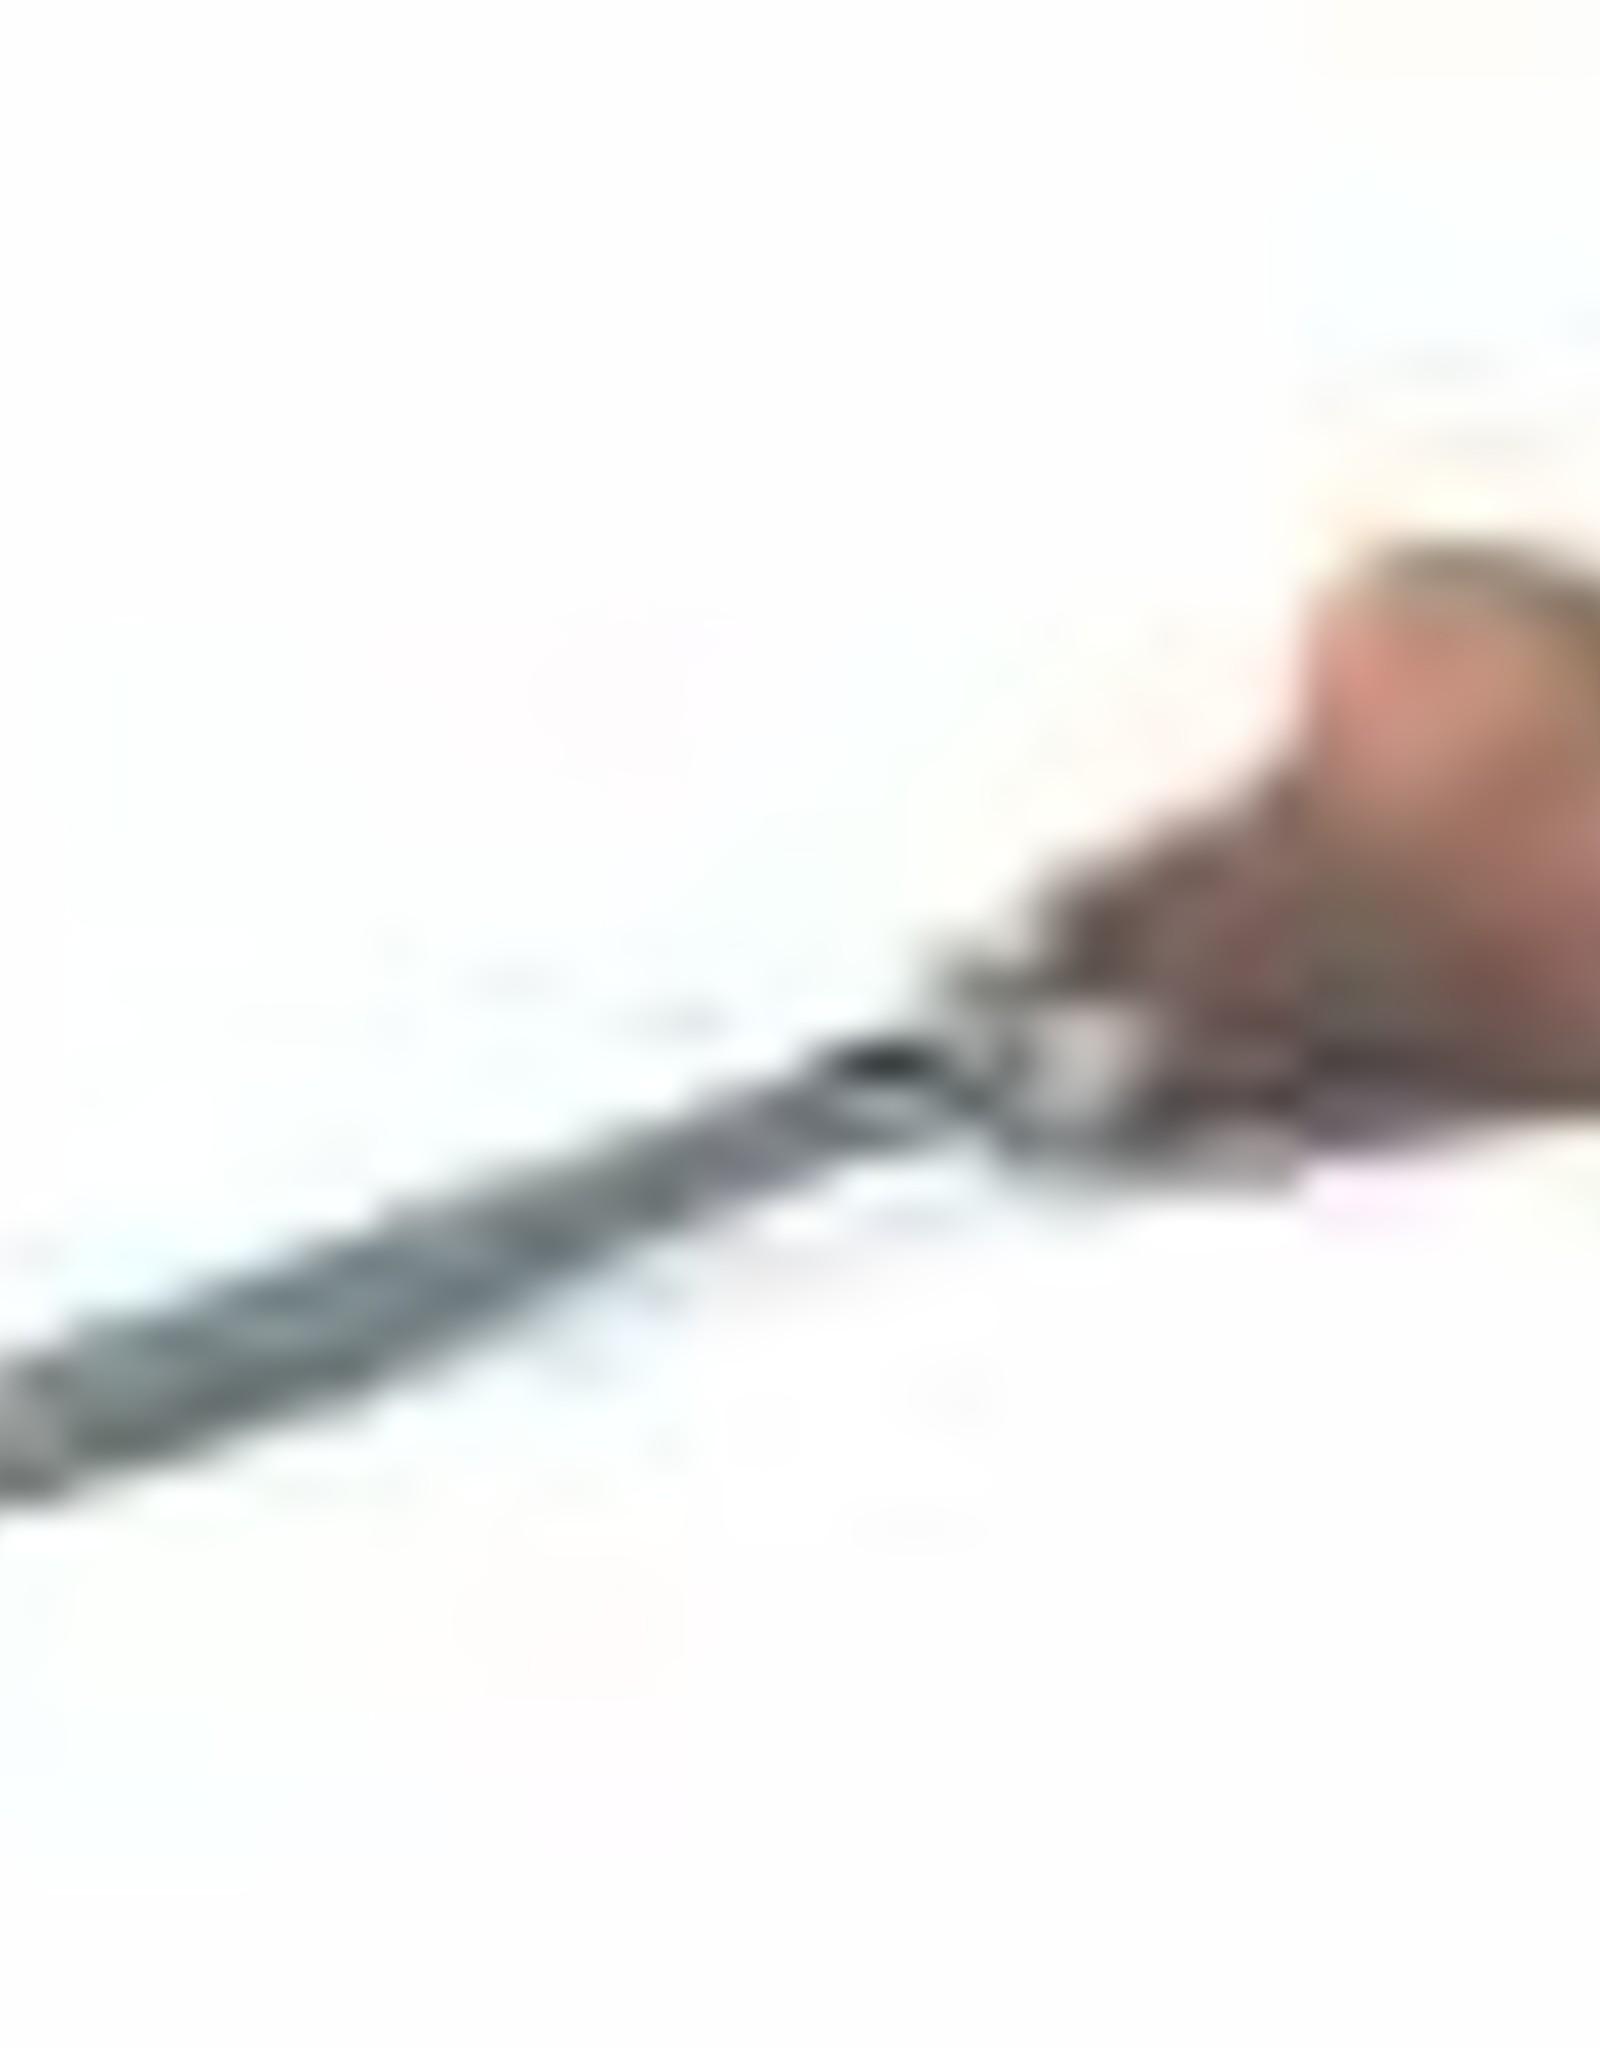 Pfeil houtsnij-/linoguts Pfeil handpalm serie11-7mm breed (b11/7) diepronde u